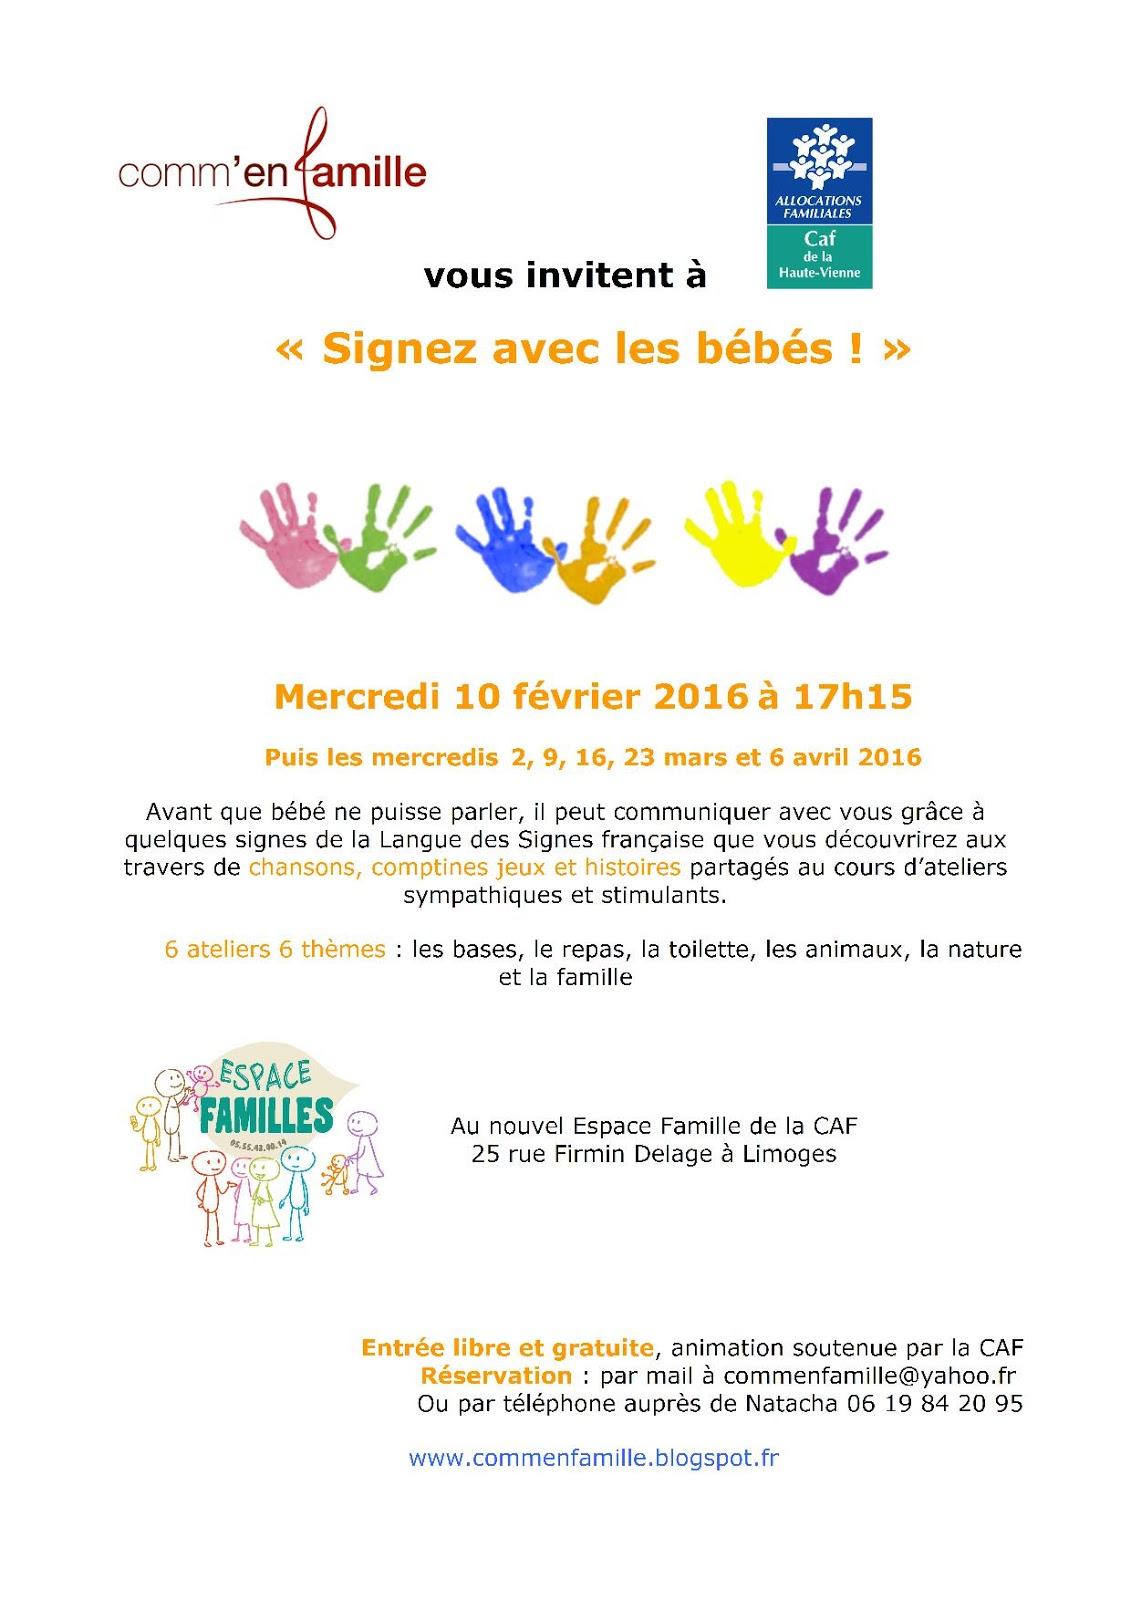 yahoo.fr site de rencontre